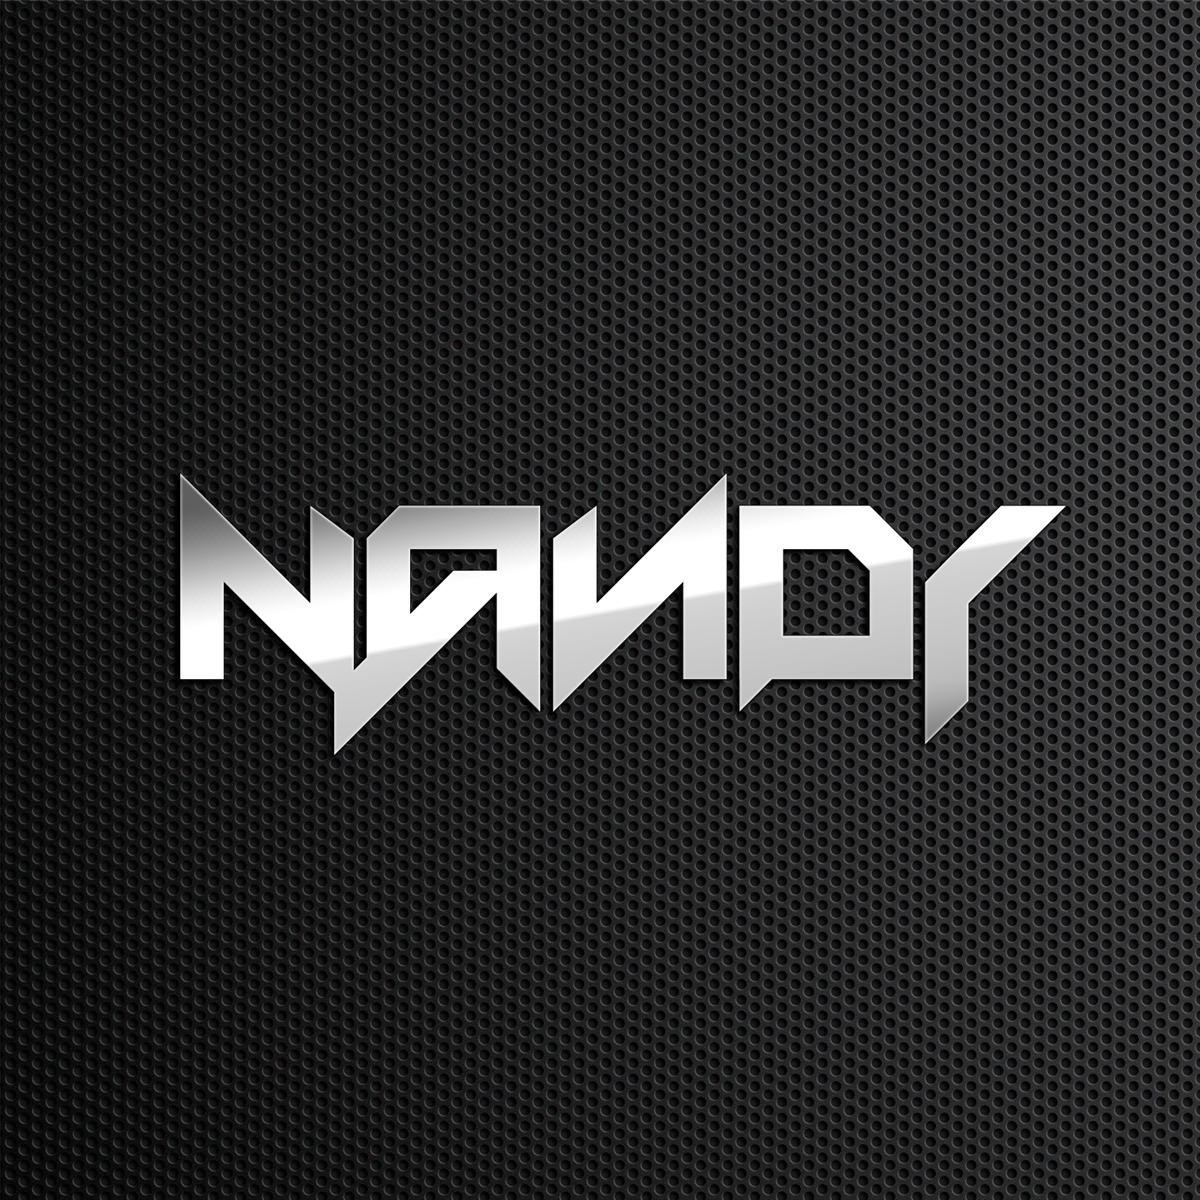 logotipo-nandy